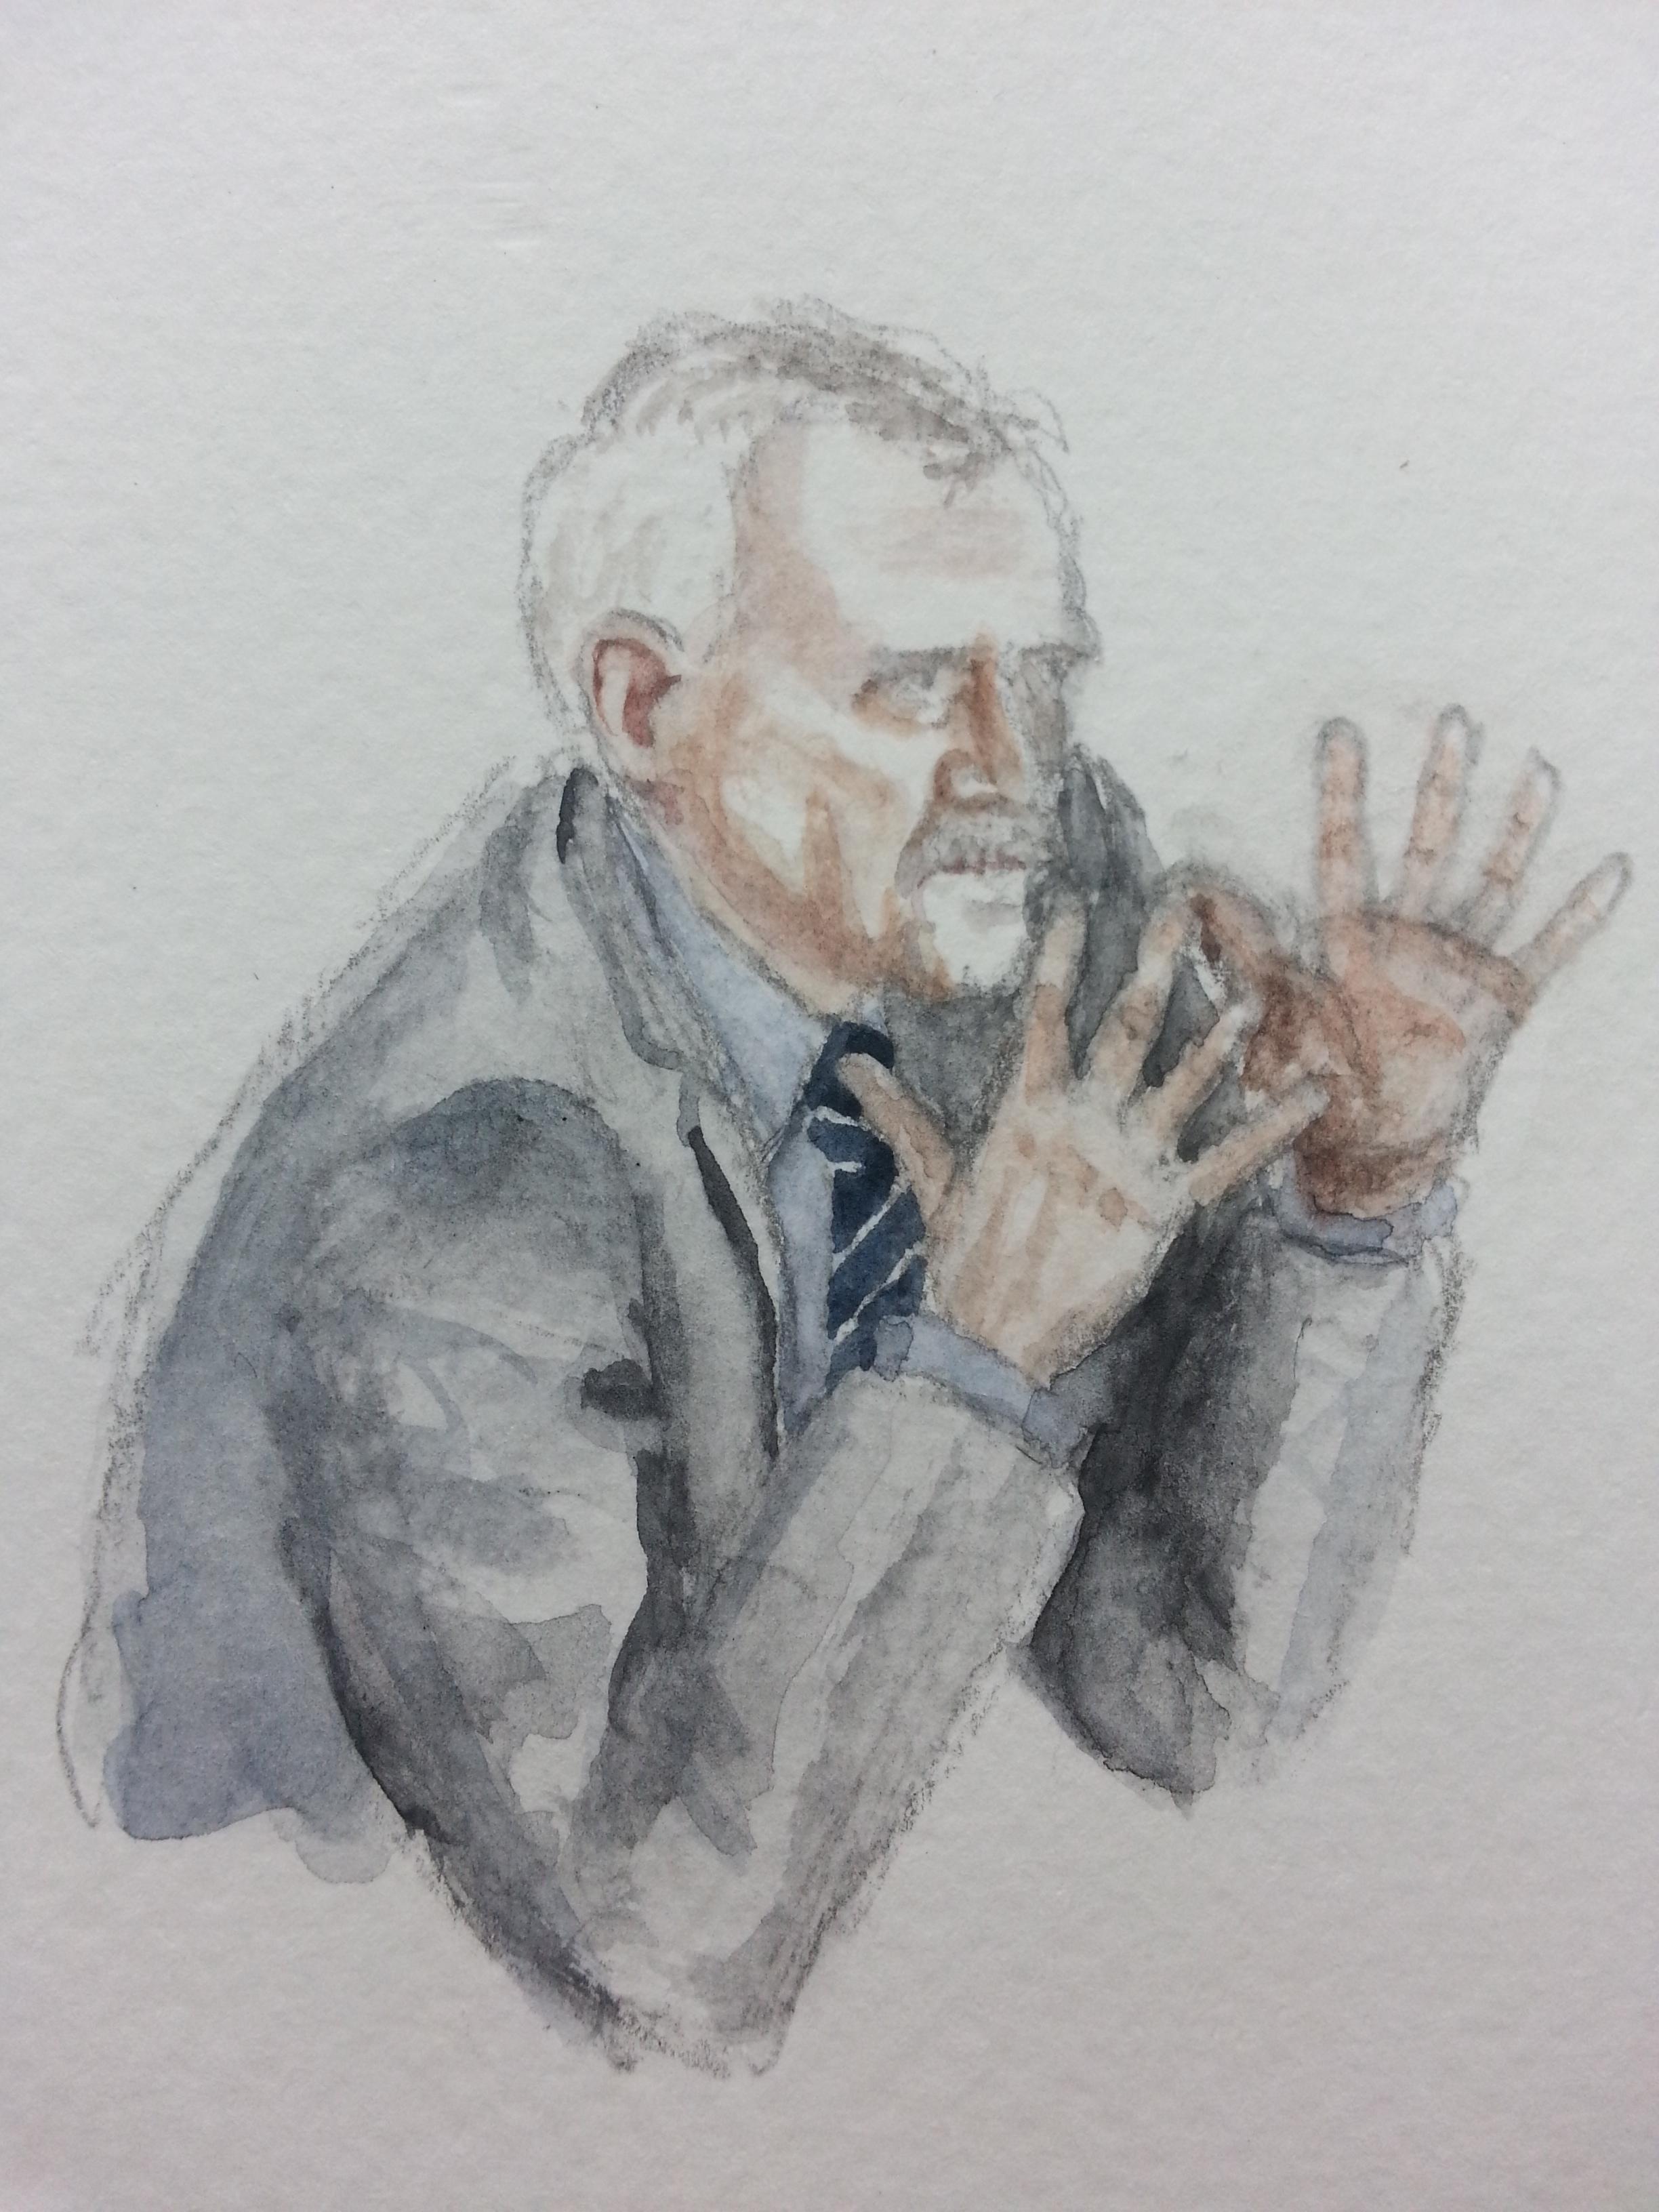 Zeuge Heinz Fromm während seiner Aussage. Zeichnung: Stella Schiffczyk. Lizenz: nicht frei.